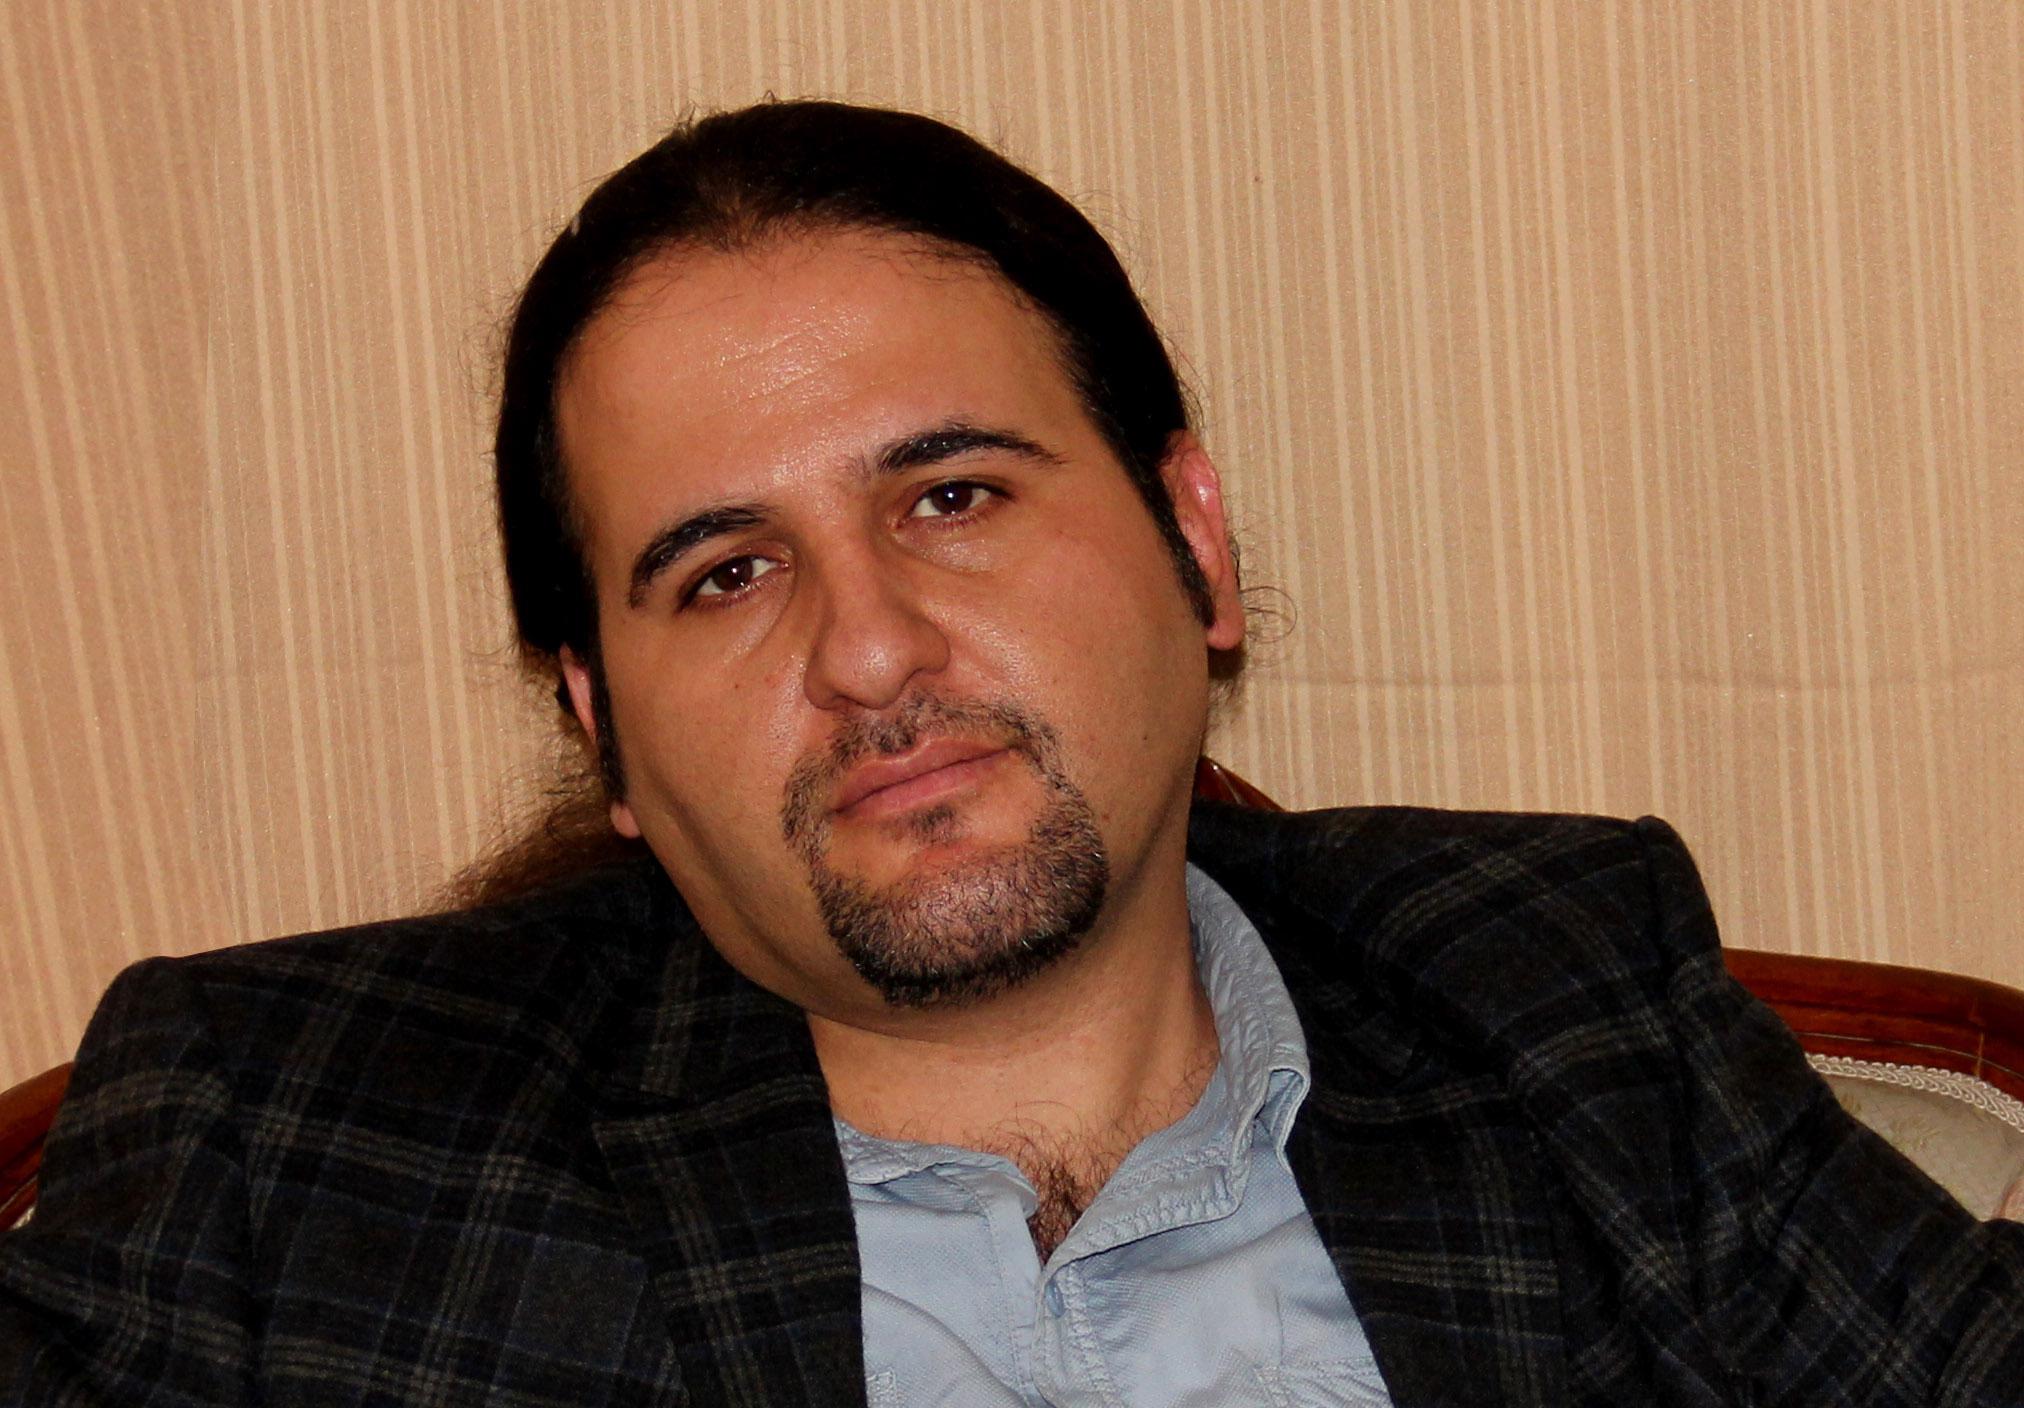 جمال حسینی: فعالیت های ما خاری بود در چشم دستگاه امنیتی